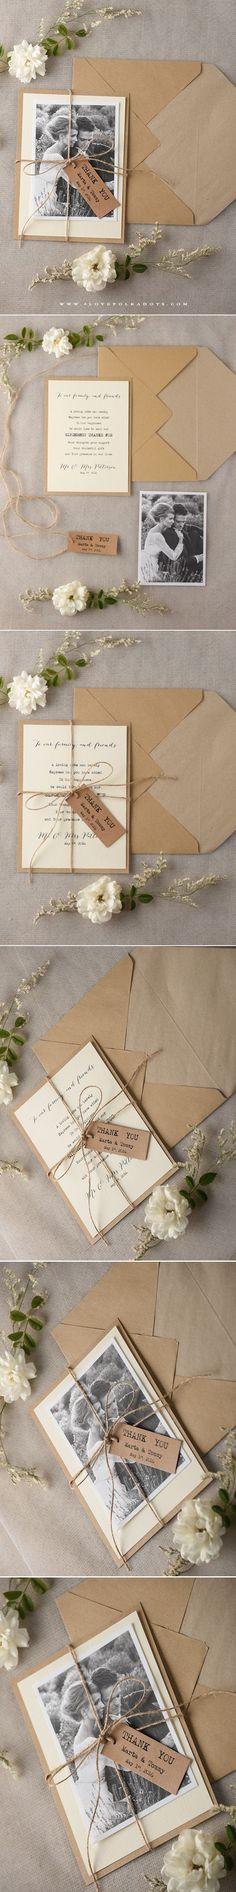 best wedding thanks ideas pinterest